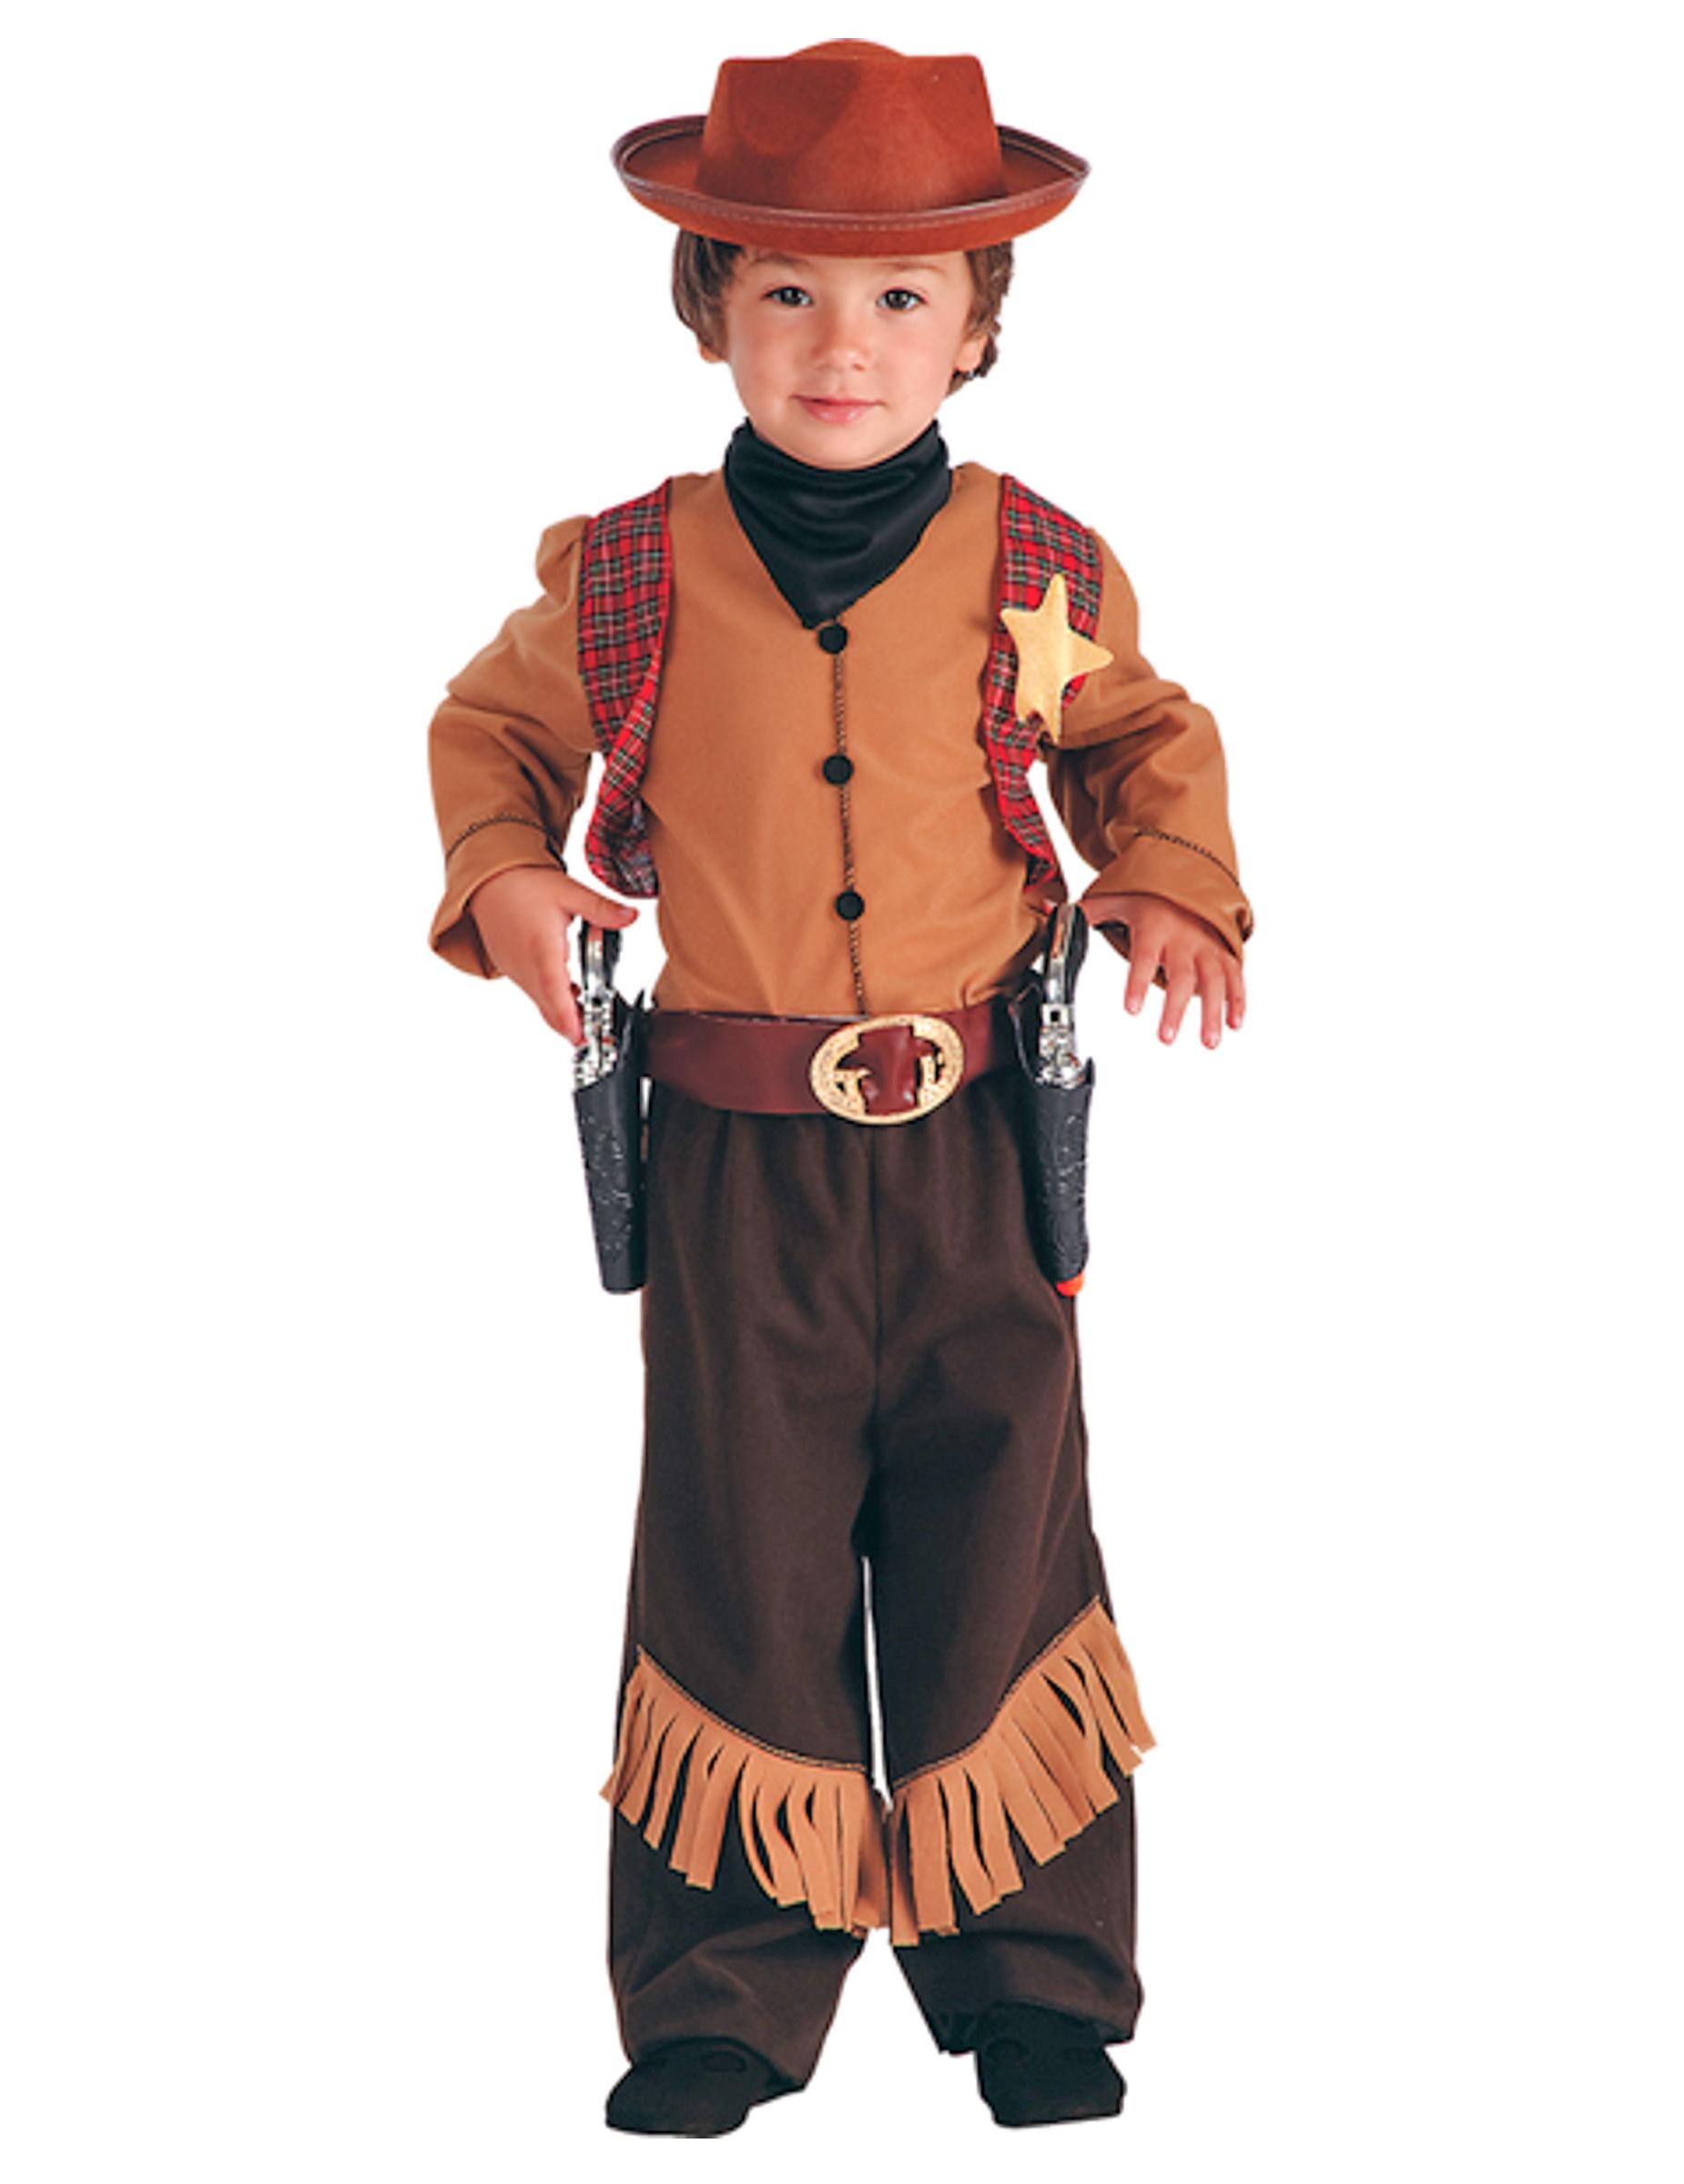 nuova collezione ultime tendenze massimo stile Travestimento da cowboy del west per bambino su VegaooParty, negozio di  articoli per feste